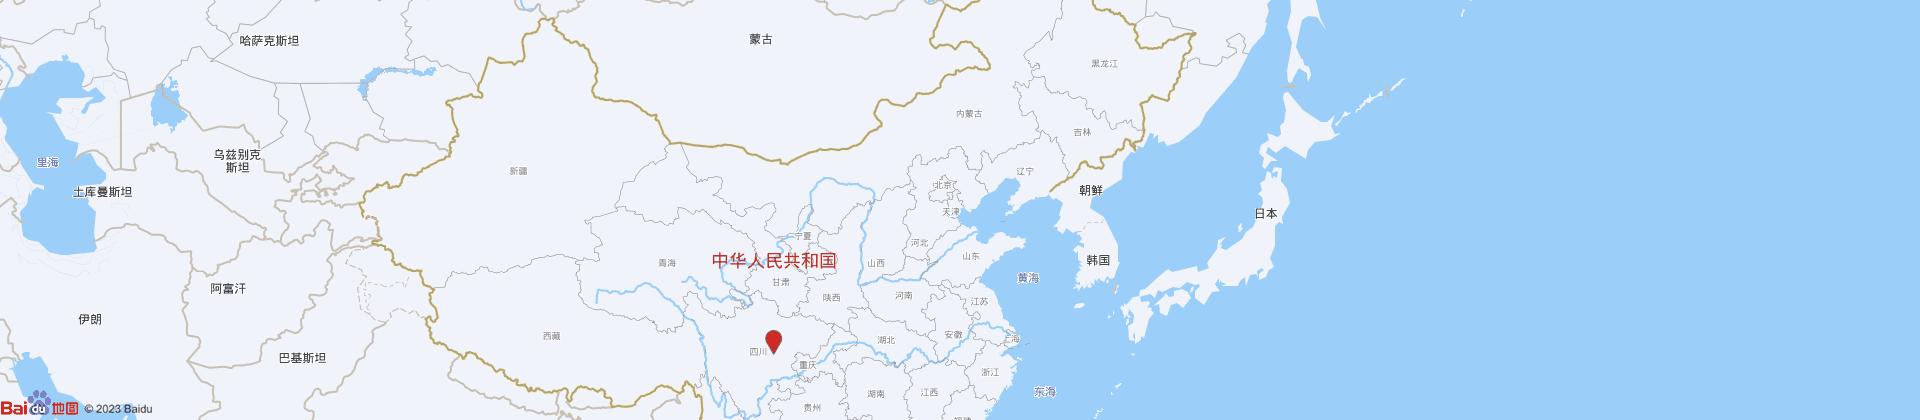 天津联航港口建设工程有限公司